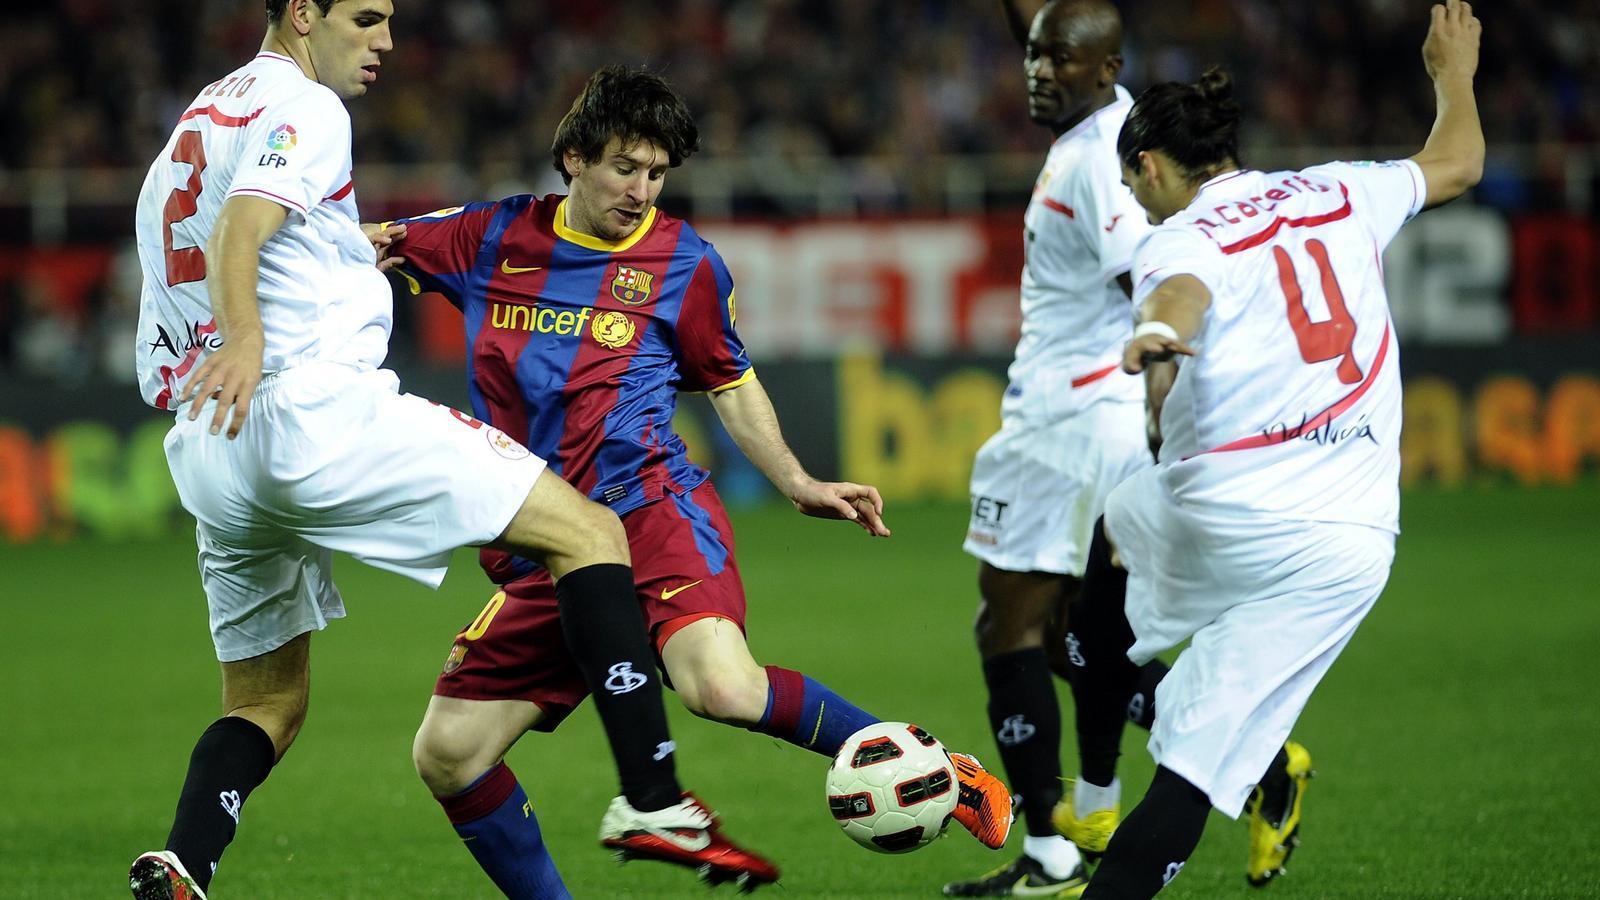 Messi, tocat L'argentí va rebre un fort cop al genoll i va jugar mig partit condicionat. / CRISTINA QUICLER / AFP